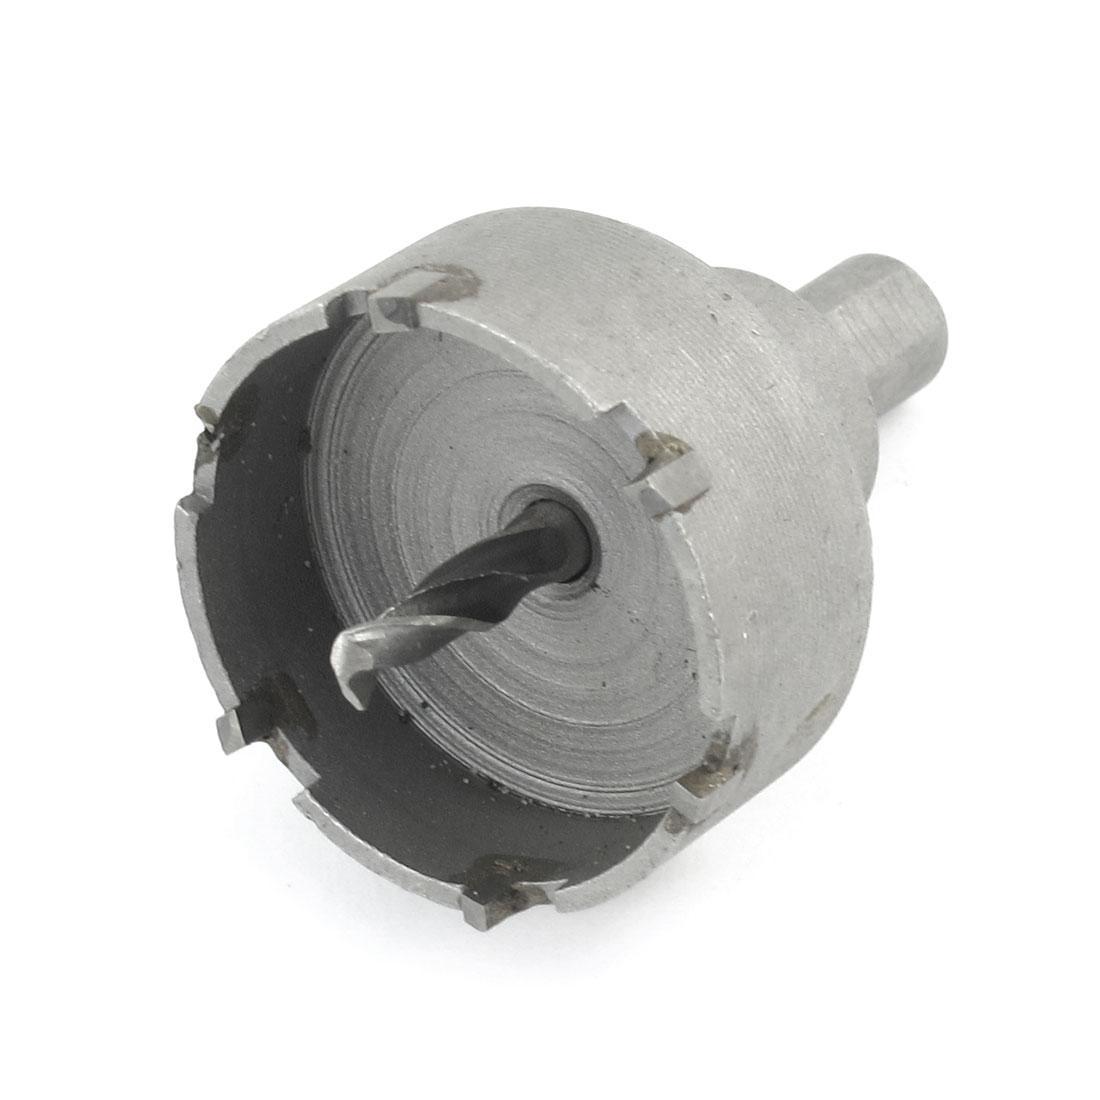 HSS 40mm Dia Iron Tile Cutting Twist Drill Bit Hole Saw